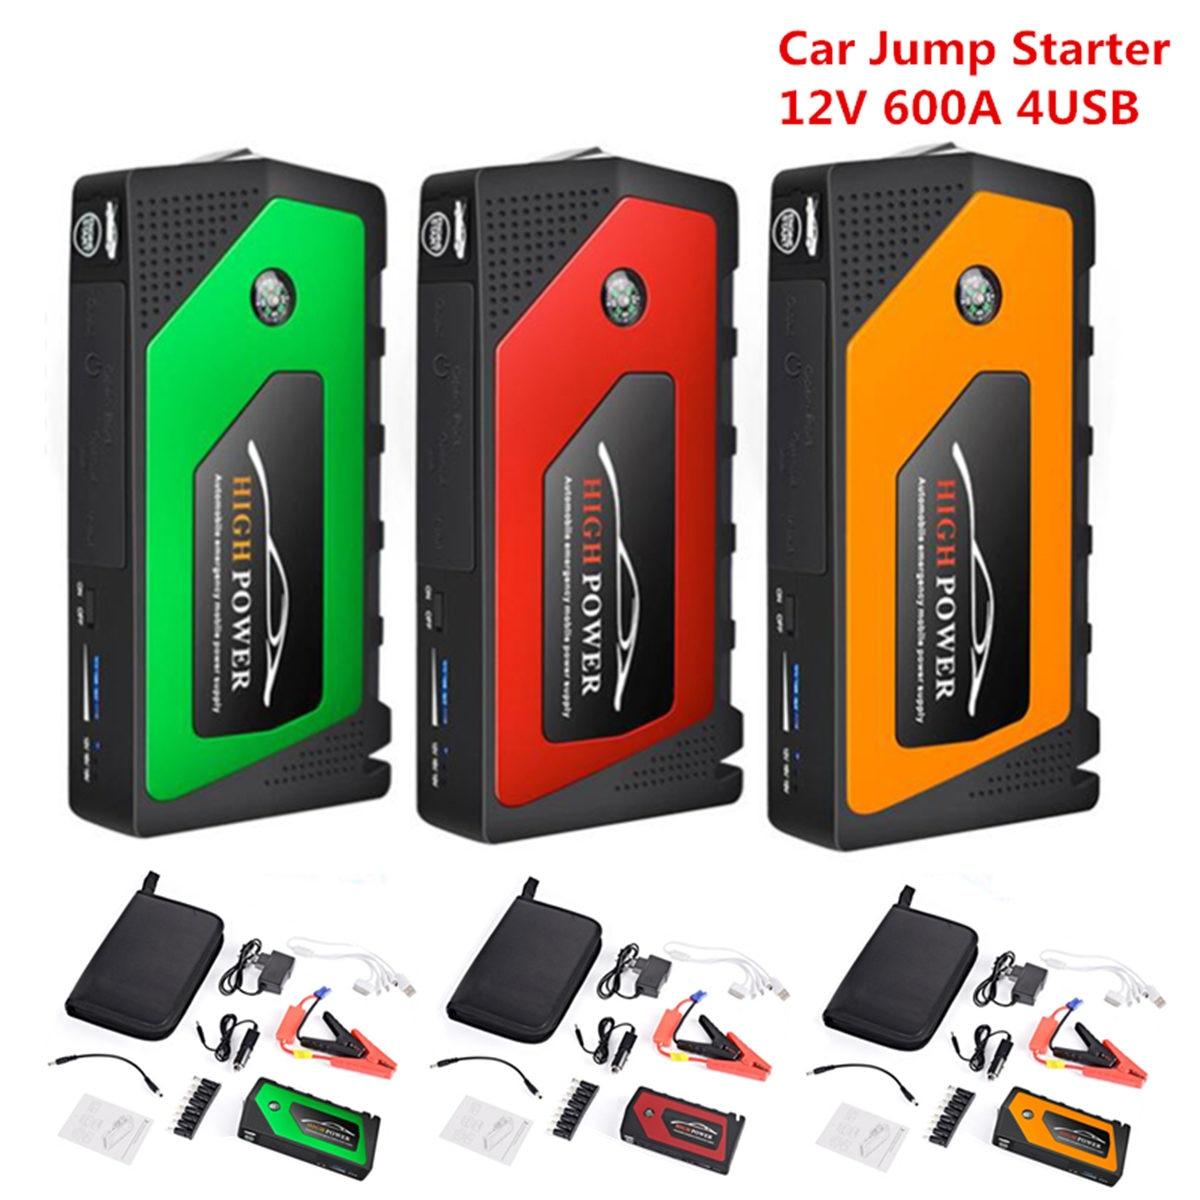 Démarreur voiture de Saut Portable 4 Ports USB De Voiture Jump Starter batterie externe chargeur de batterie Dispositif de Démarrage Pour Téléphone Essence Diesels